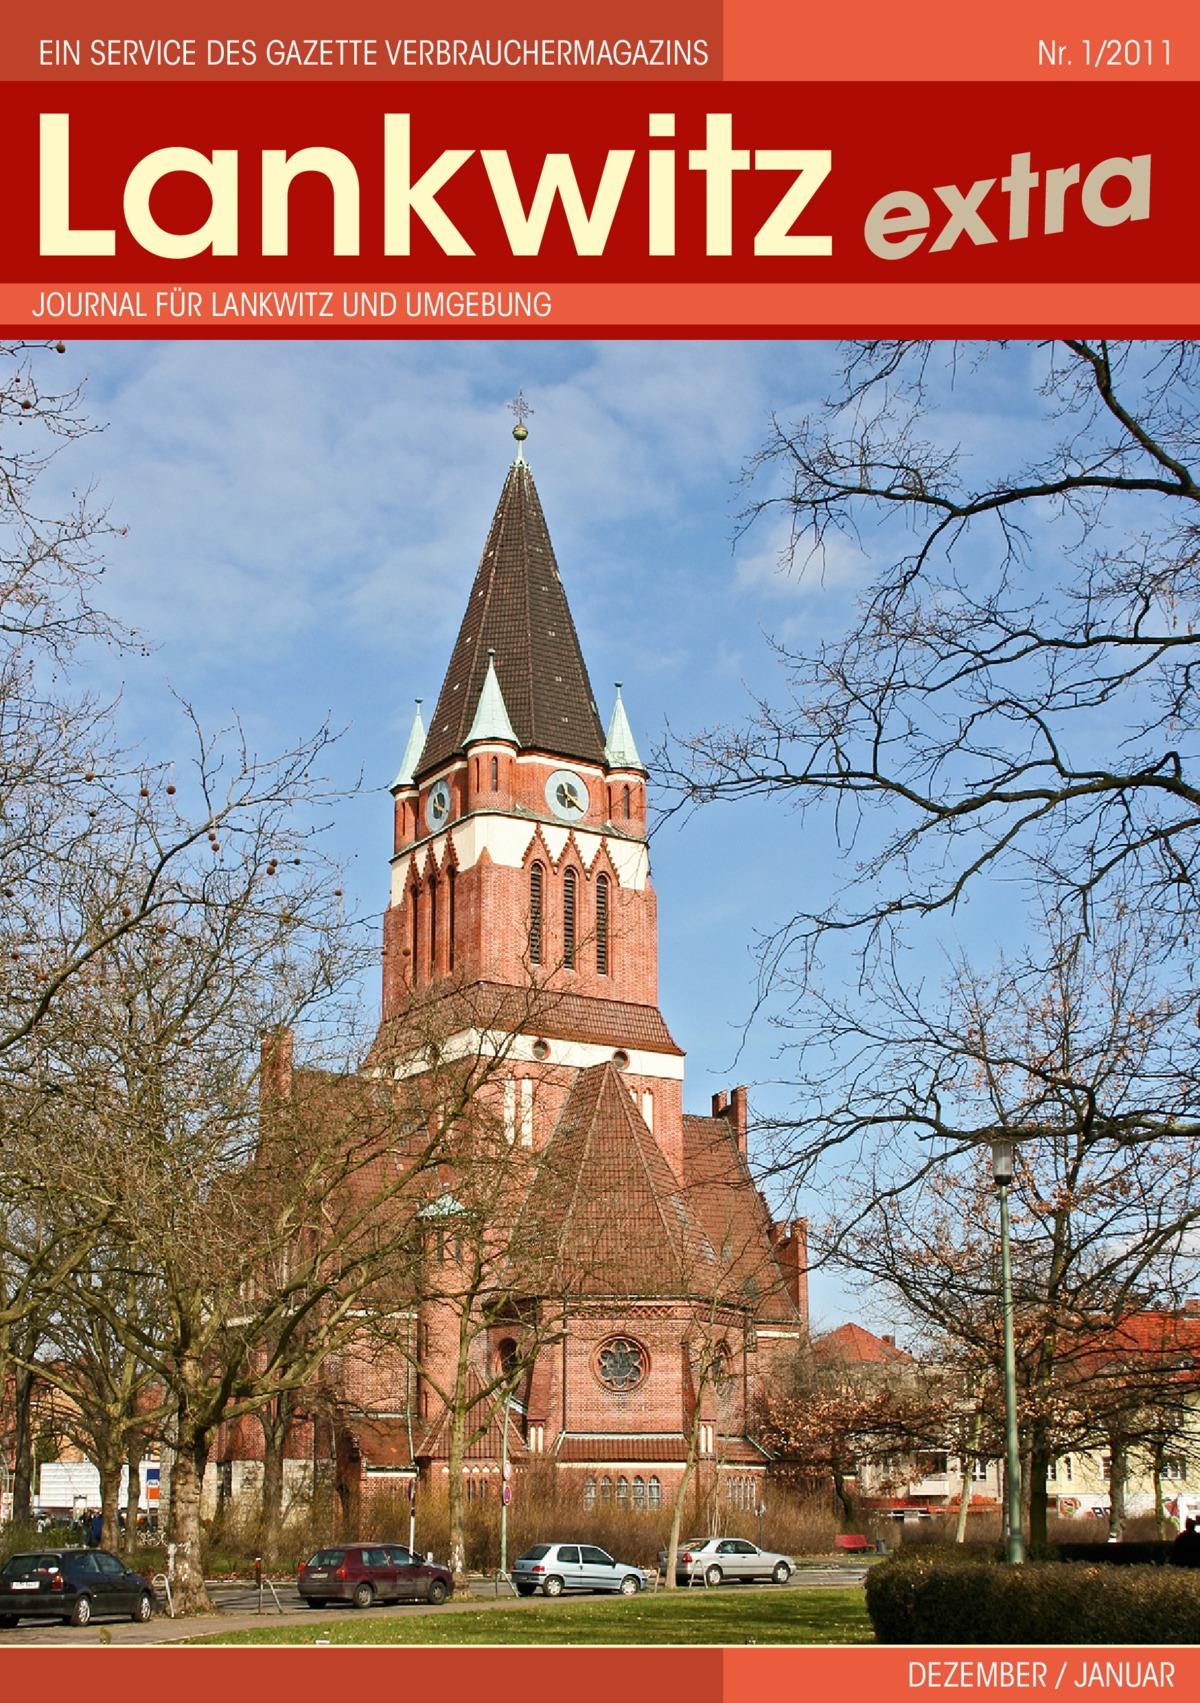 Ein Service des Gazette Verbrauchermagazins  Nr. 1/2011  Lankwitz extra Journal für Lankwitz und Umgebung  Dezember / Januar